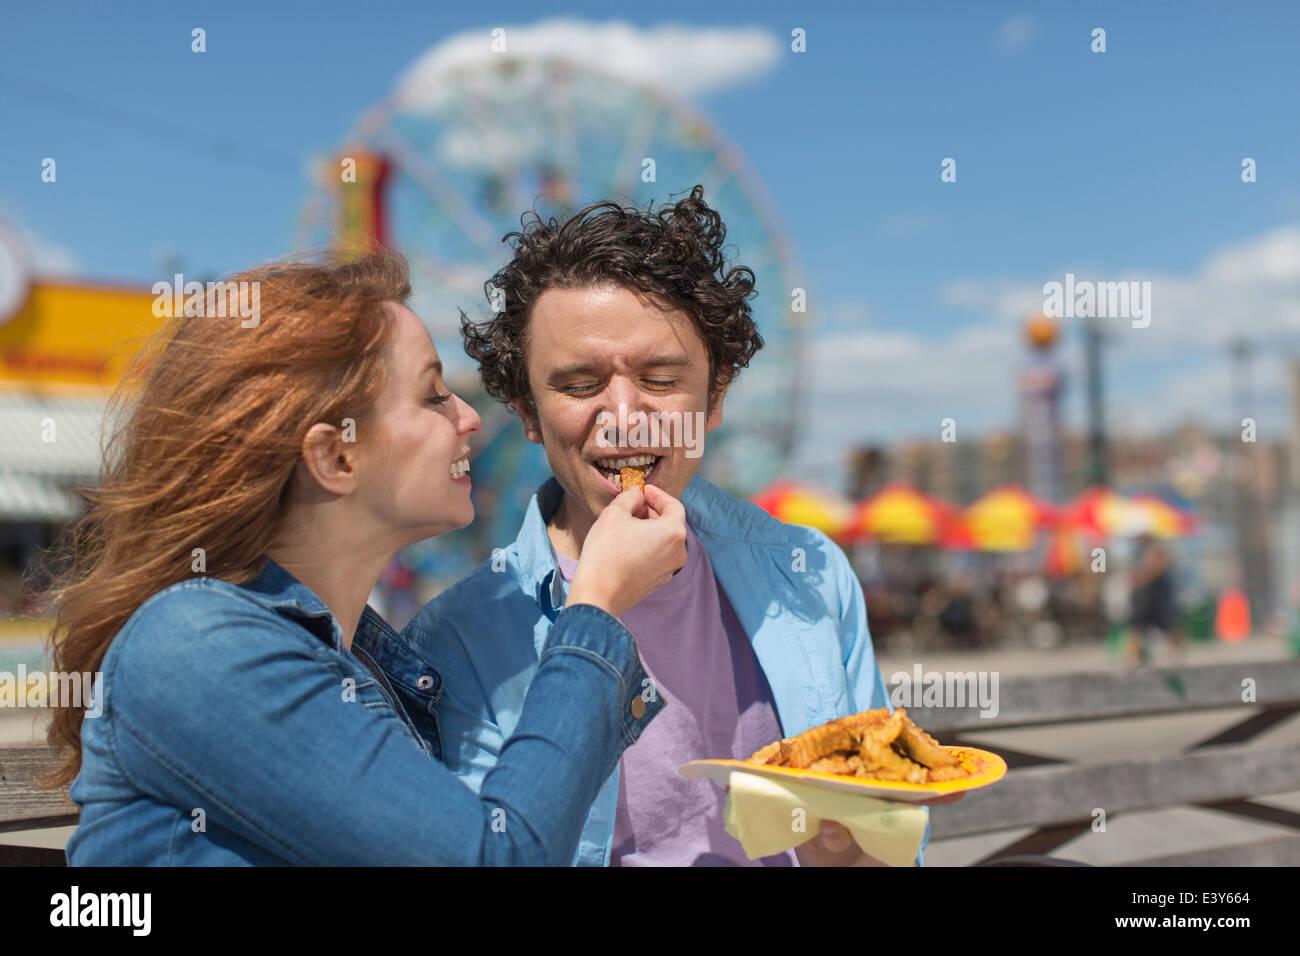 Pareja romántica de alimentación en cada otros chips en parque de diversiones Imagen De Stock